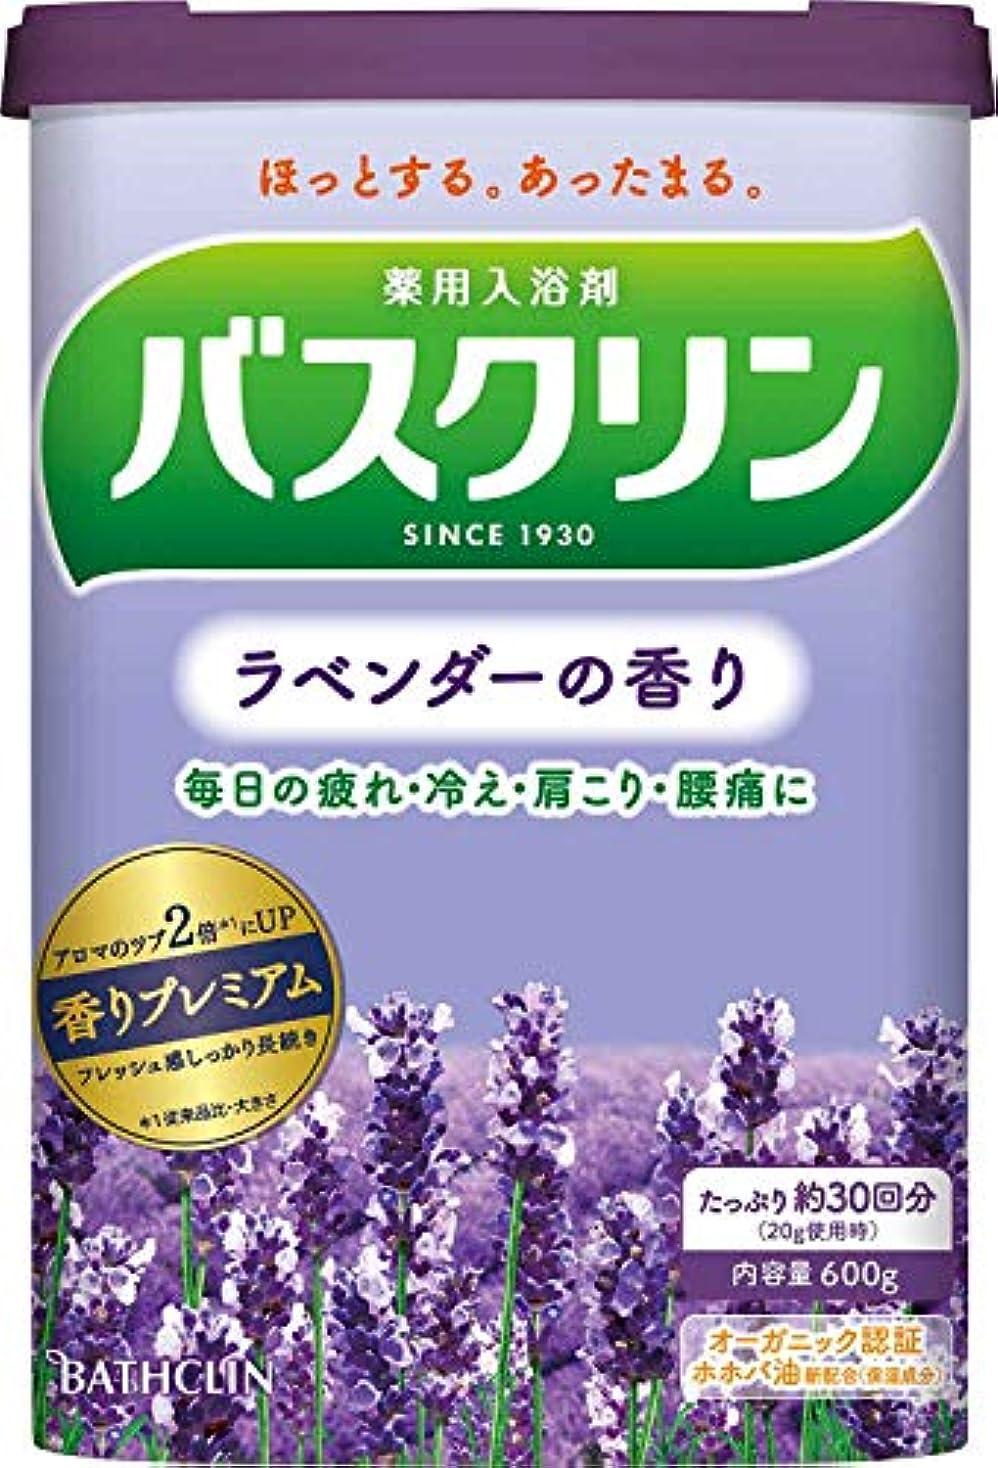 毎日半円奪う【医薬部外品】バスクリン入浴剤 ラベンダーの香り600g(約30回分) 疲労回復